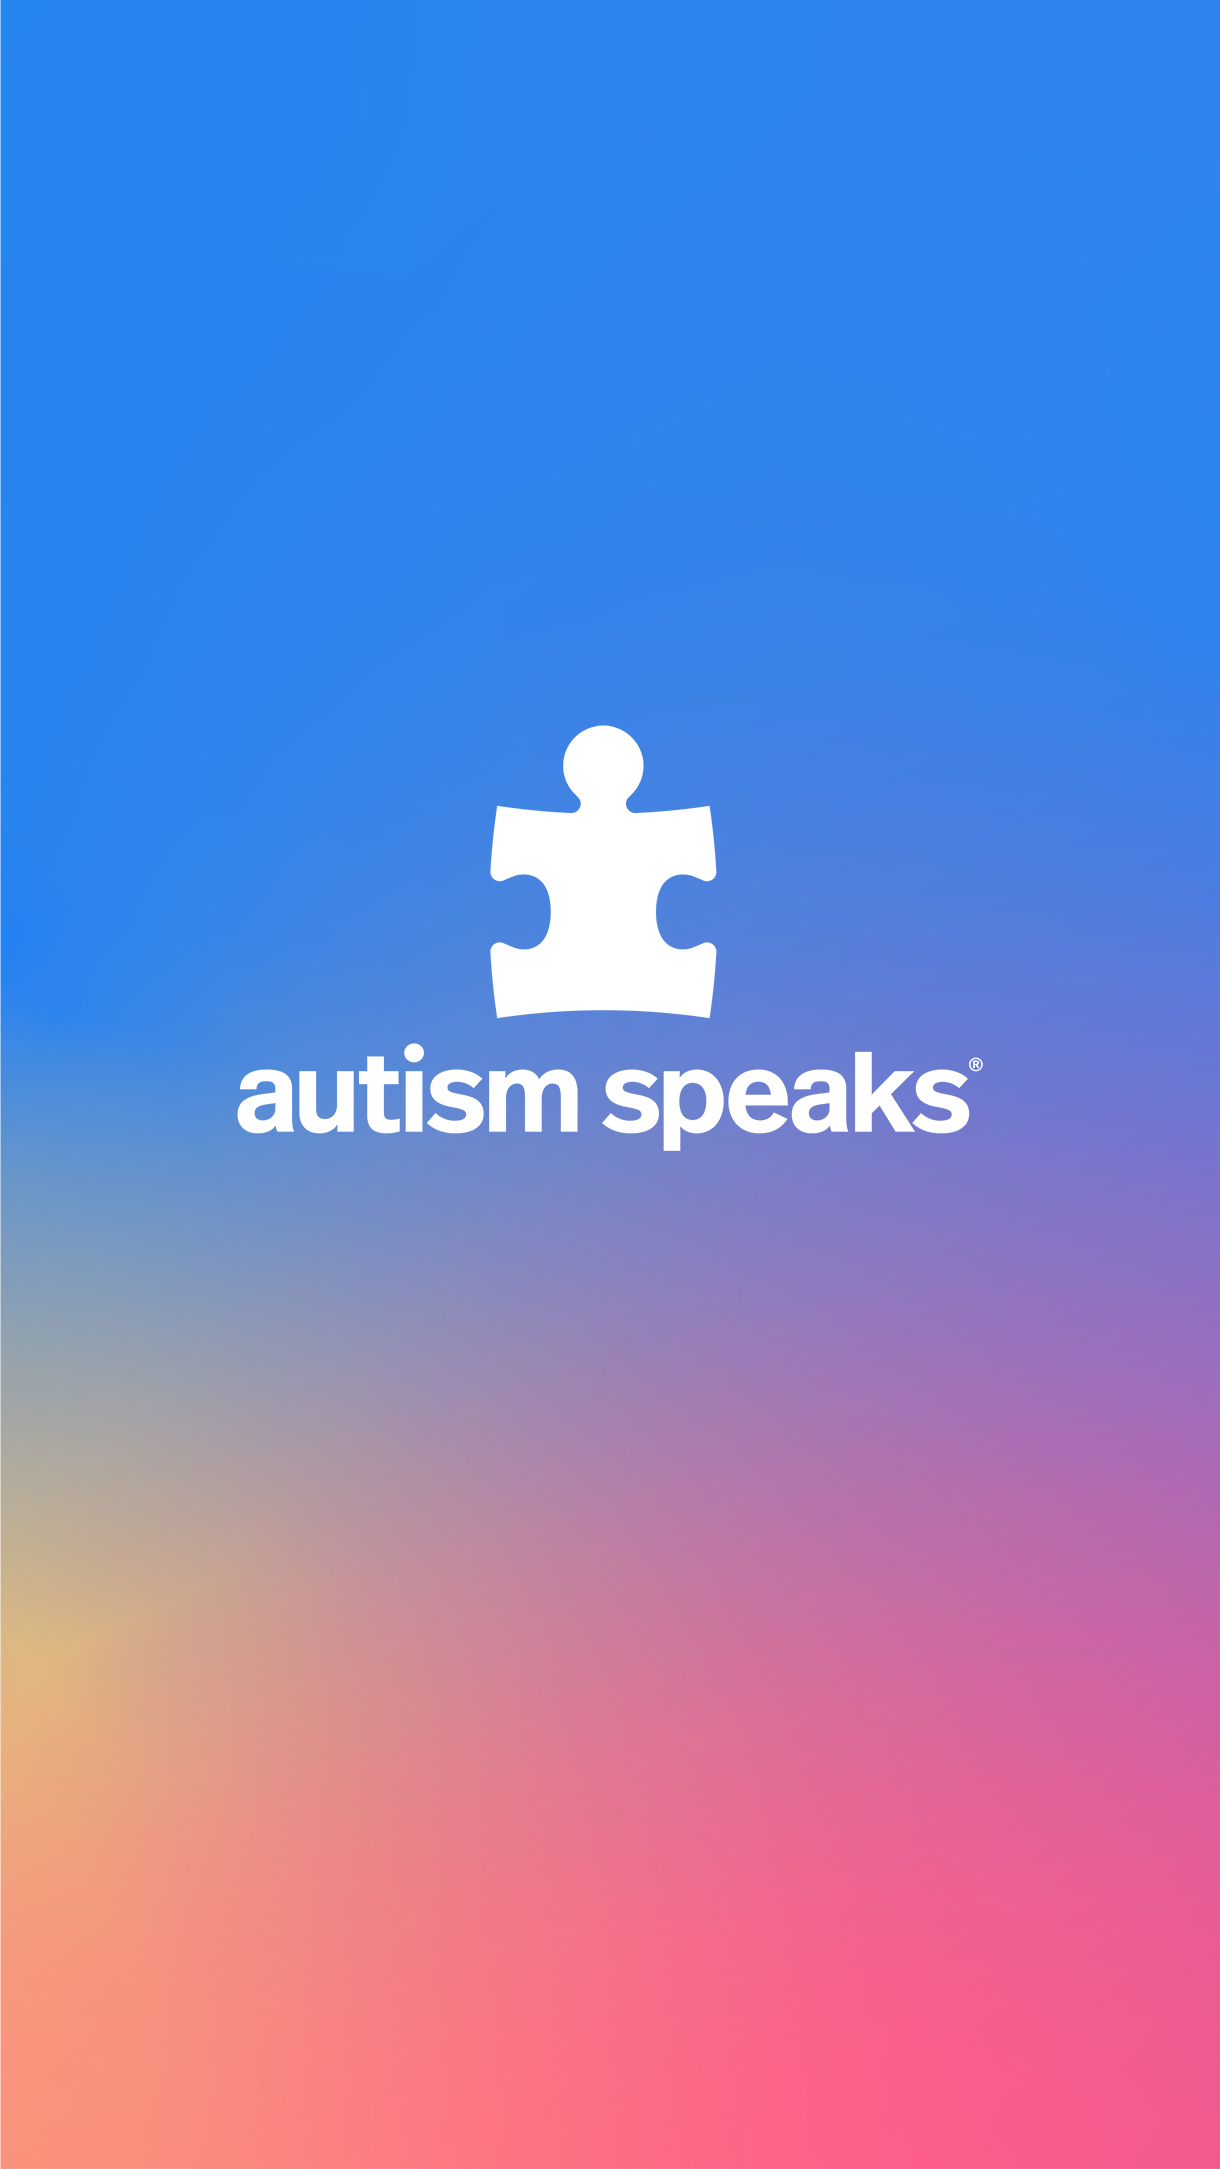 Spread Kindness Autism Speaks